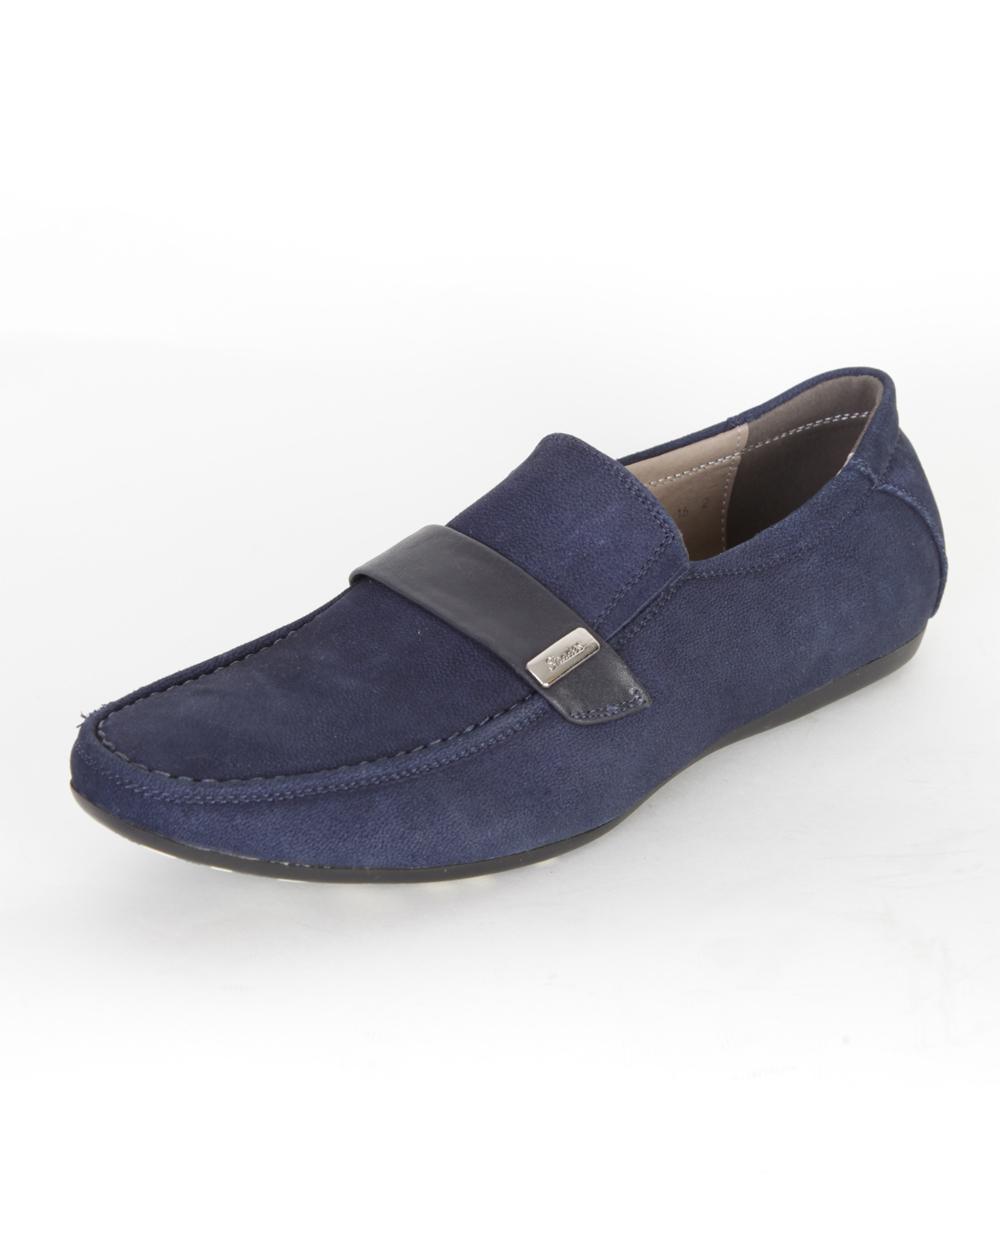 5d106009d Обувь ребенку на зиму. Интернет-магазин качественной брендовой обуви.